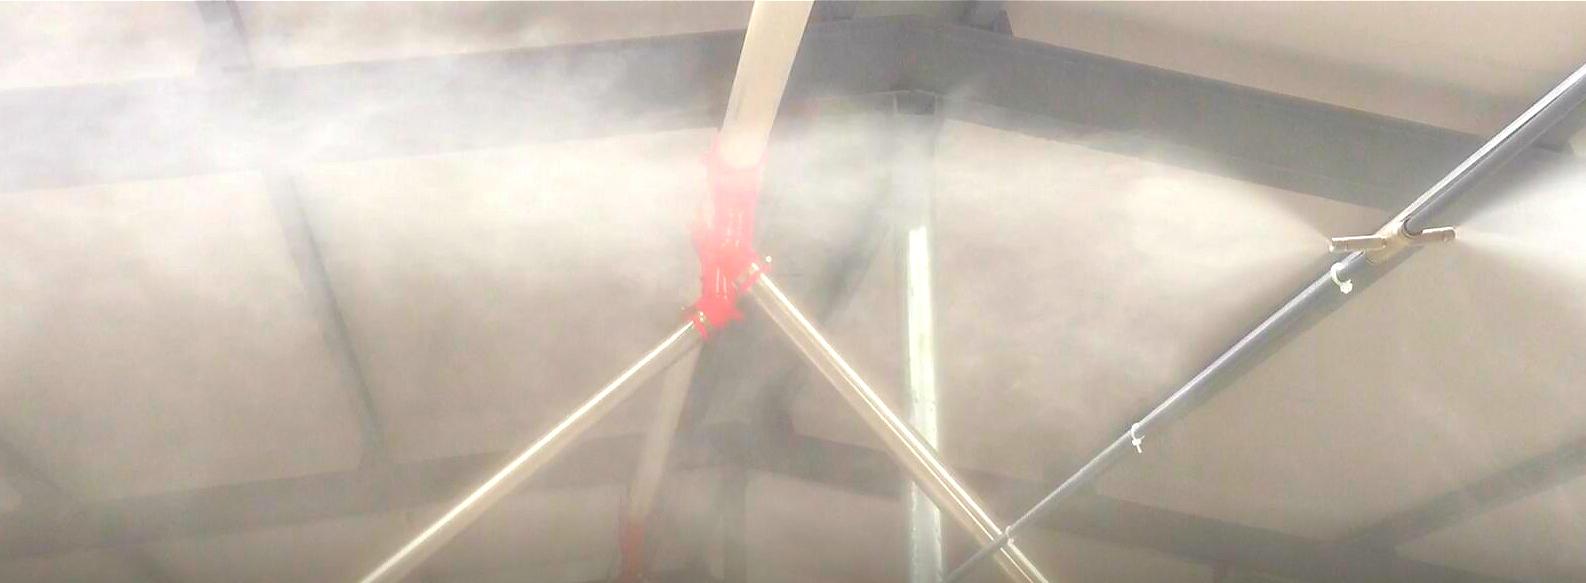 spray system for pig farm/automatic spray system